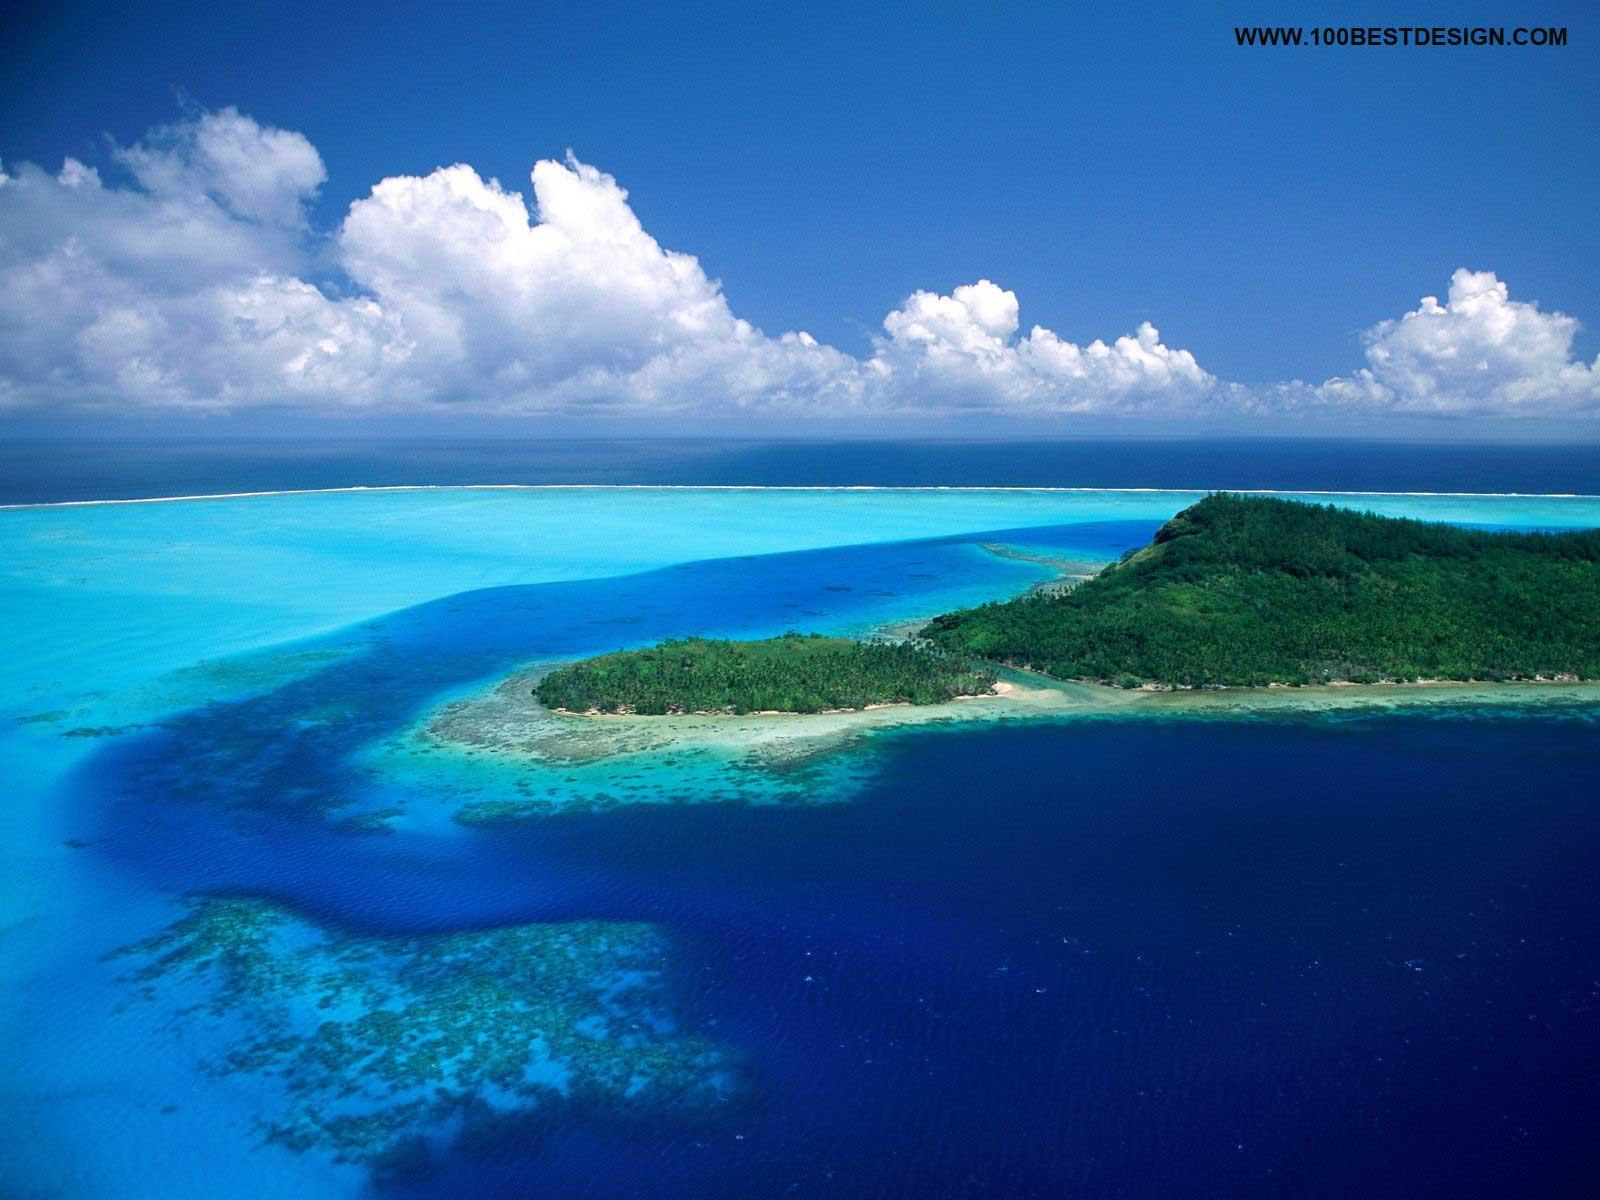 38 Top 100 nice nature desktop wallpaper and background Pacific ocean 1600x1200